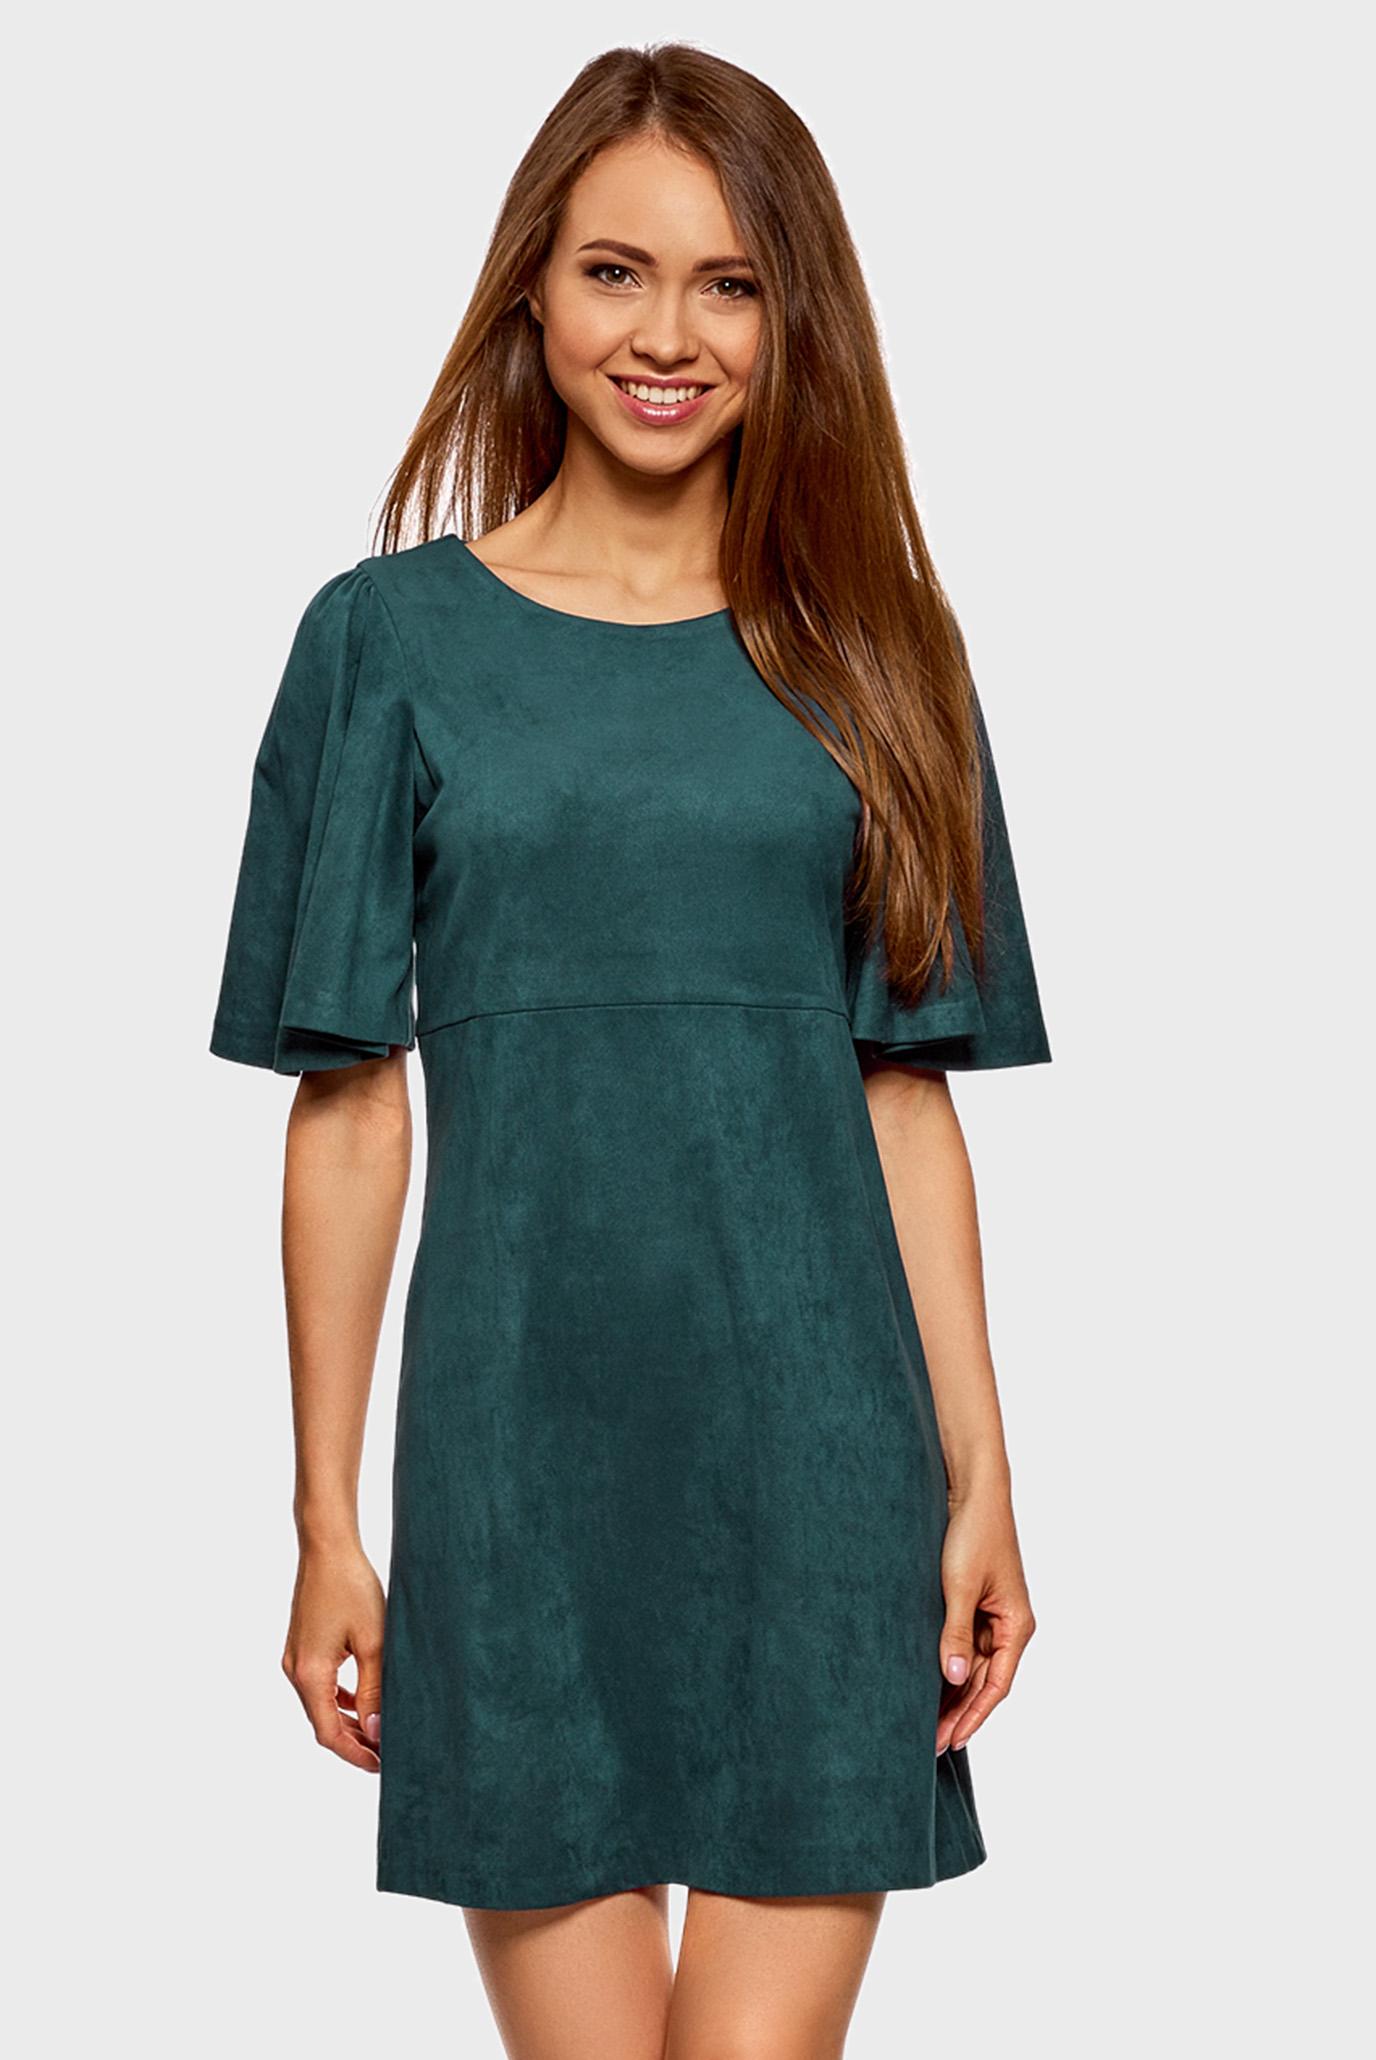 Купить Женское зеленое платье Oodji Oodji 18L11001 45622 6C00N – Киев,  Украина. Цены в интернет магазине MD Fashion bcb93ae9aac